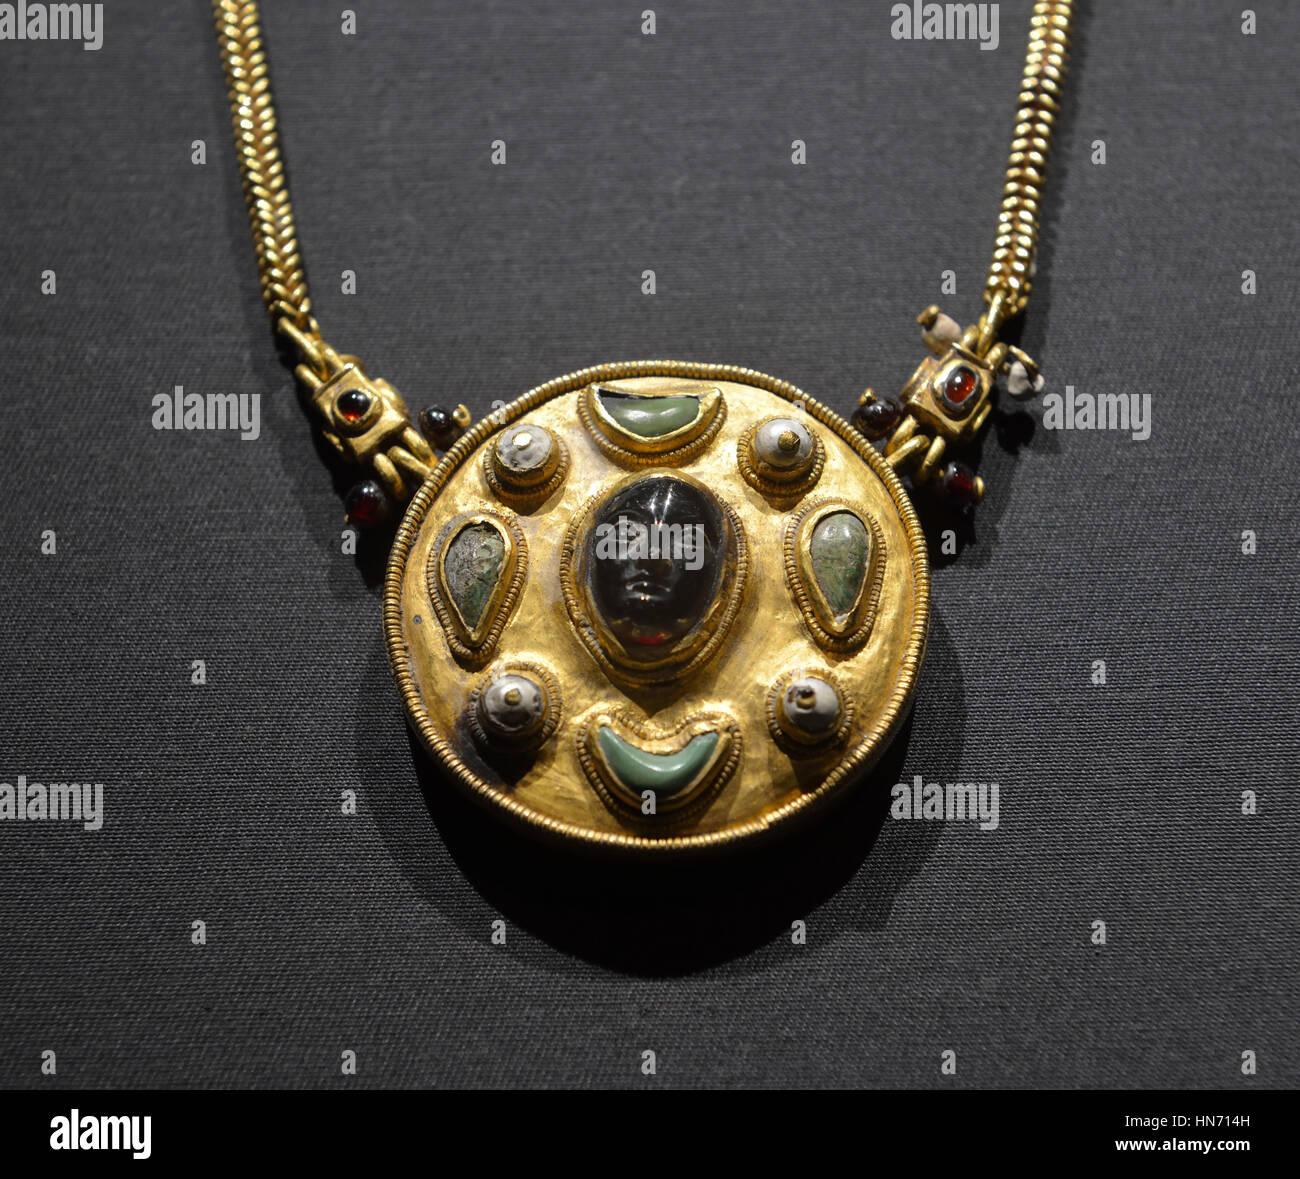 Collier avec camée. Thaj, Tell al-Zayer. 1er siècle de notre ère. Or, perles, turquoise, et ruby.Musée Photo Stock